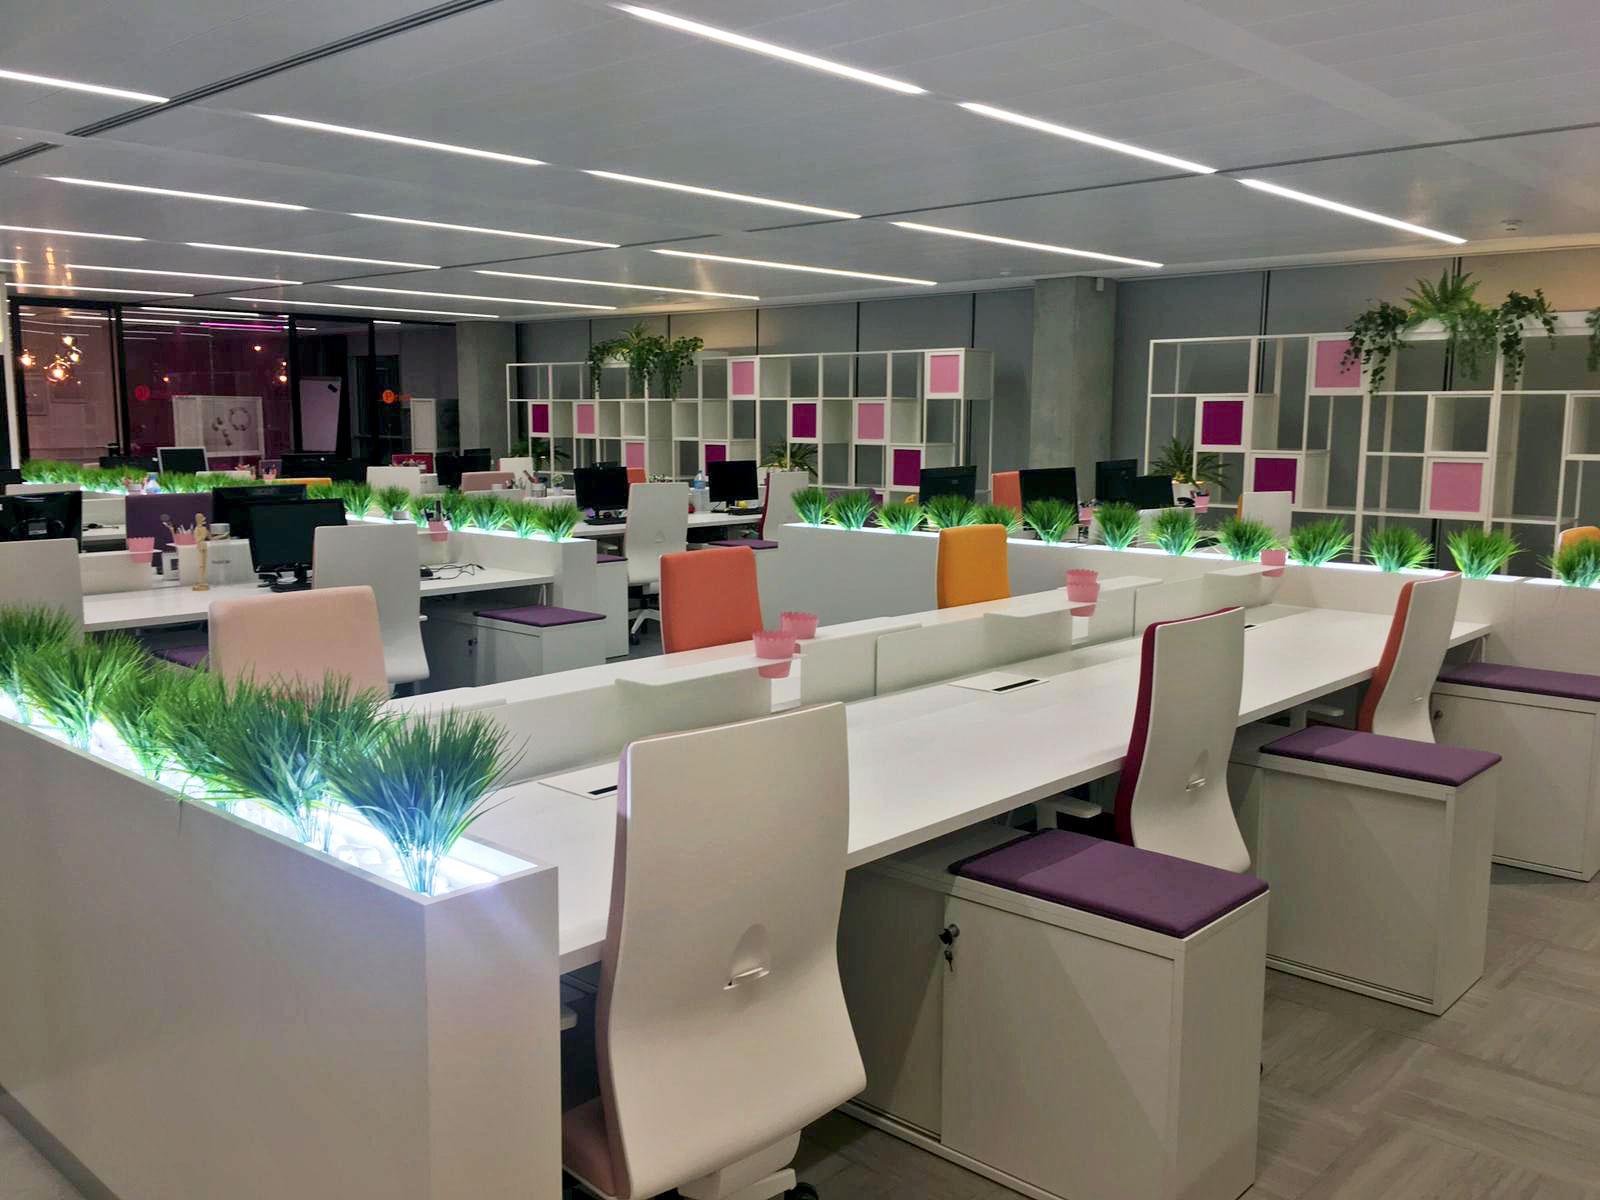 Oficinas Pandora